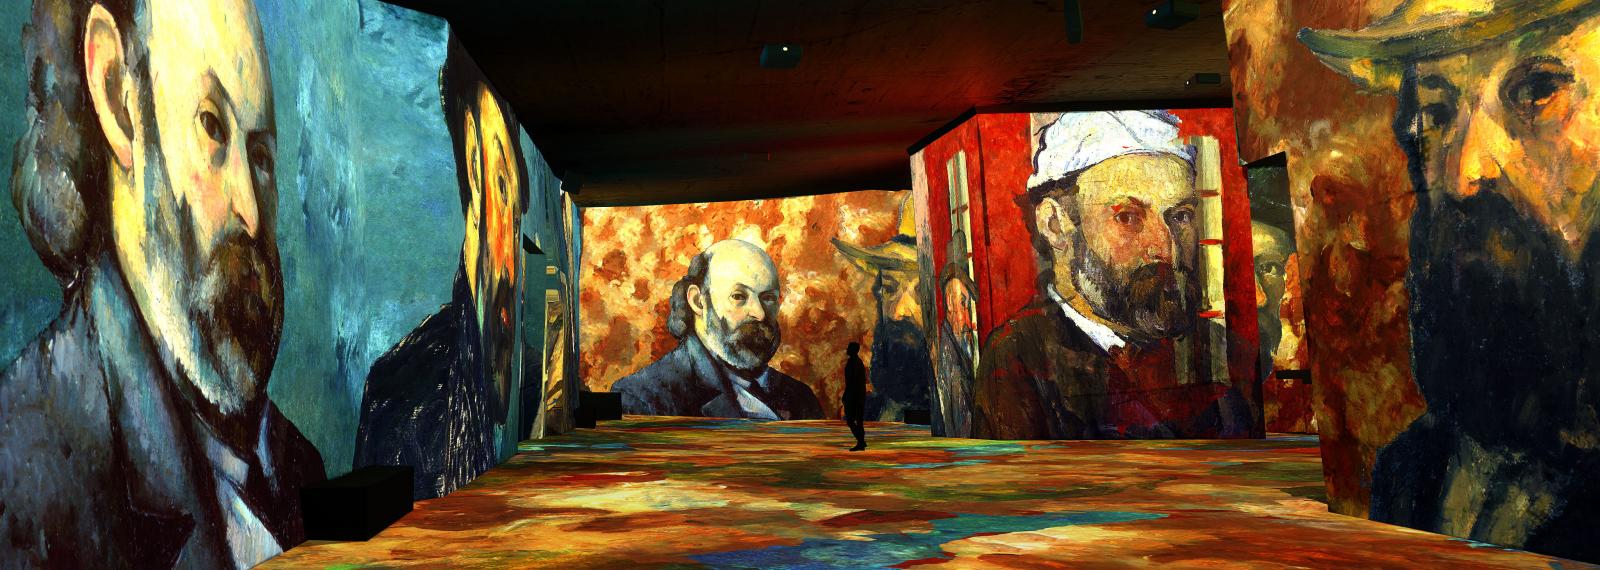 Cézanne - Kandinsky - Carrière de Lumières